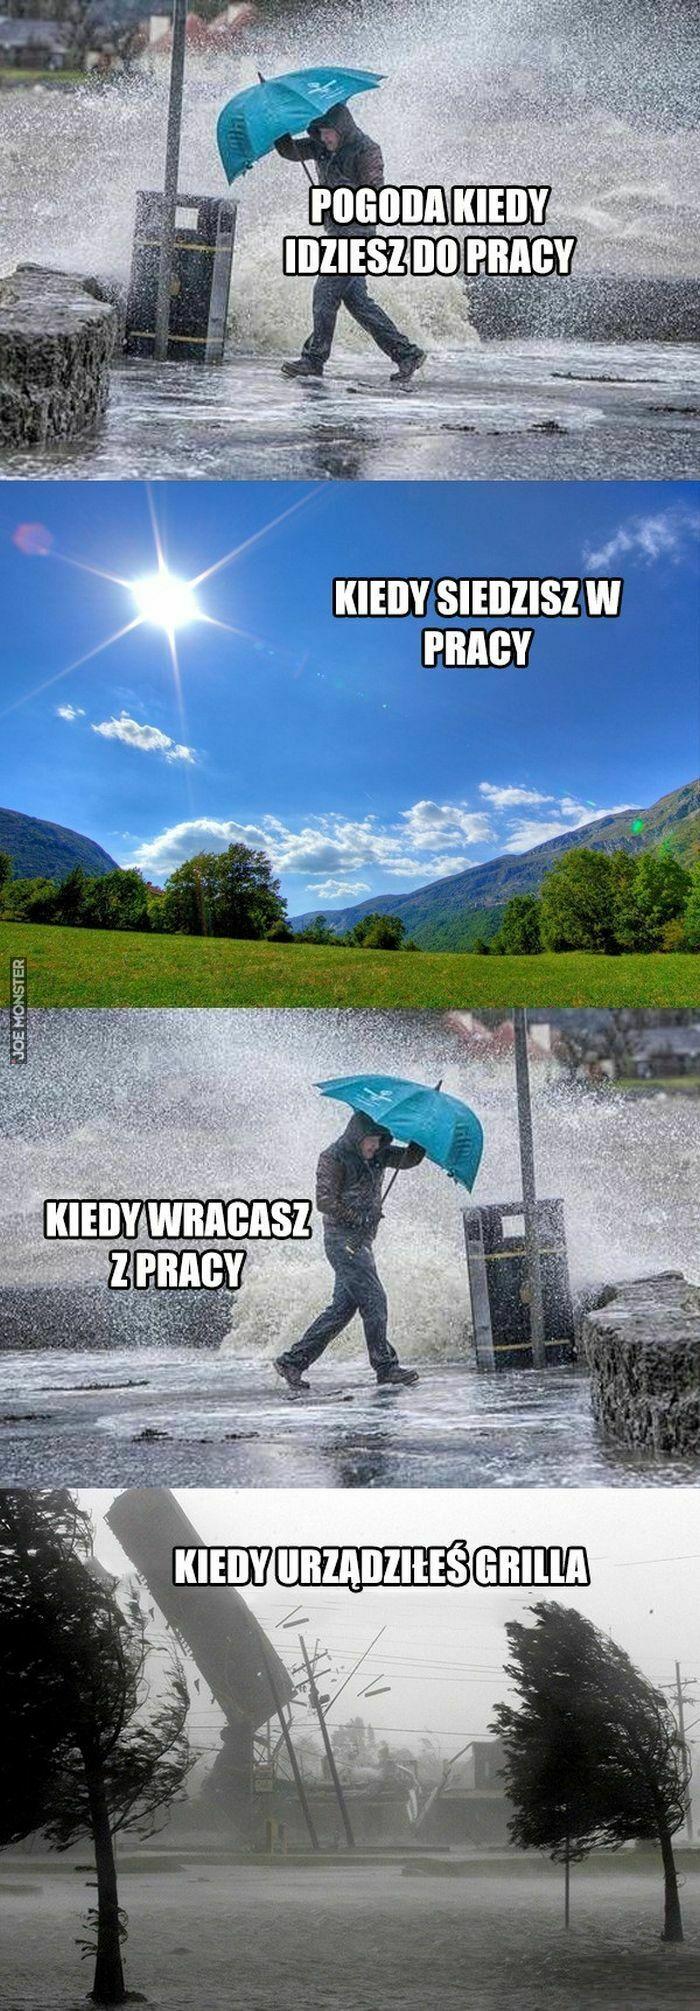 pogoda kiedy idziesz do pracy